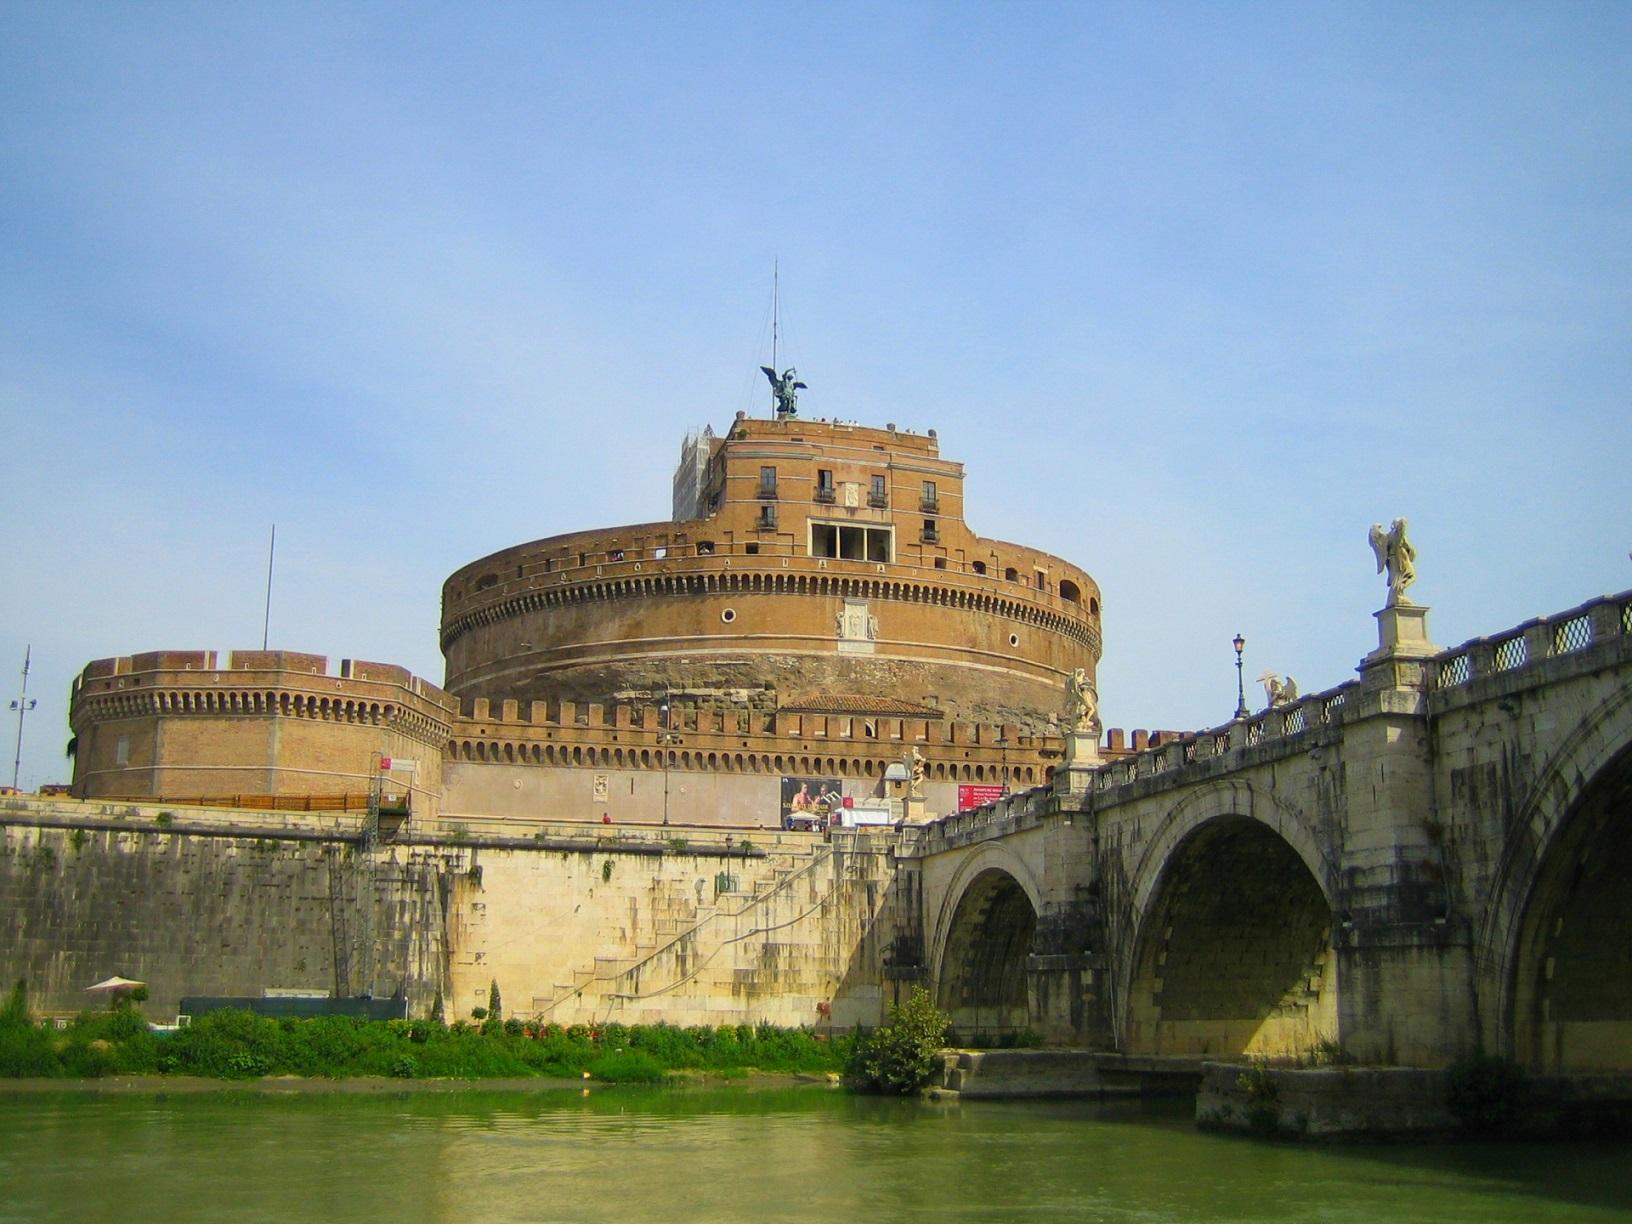 サンタンジェロ城の見どころ!秘密の通路があるとの噂はホント?